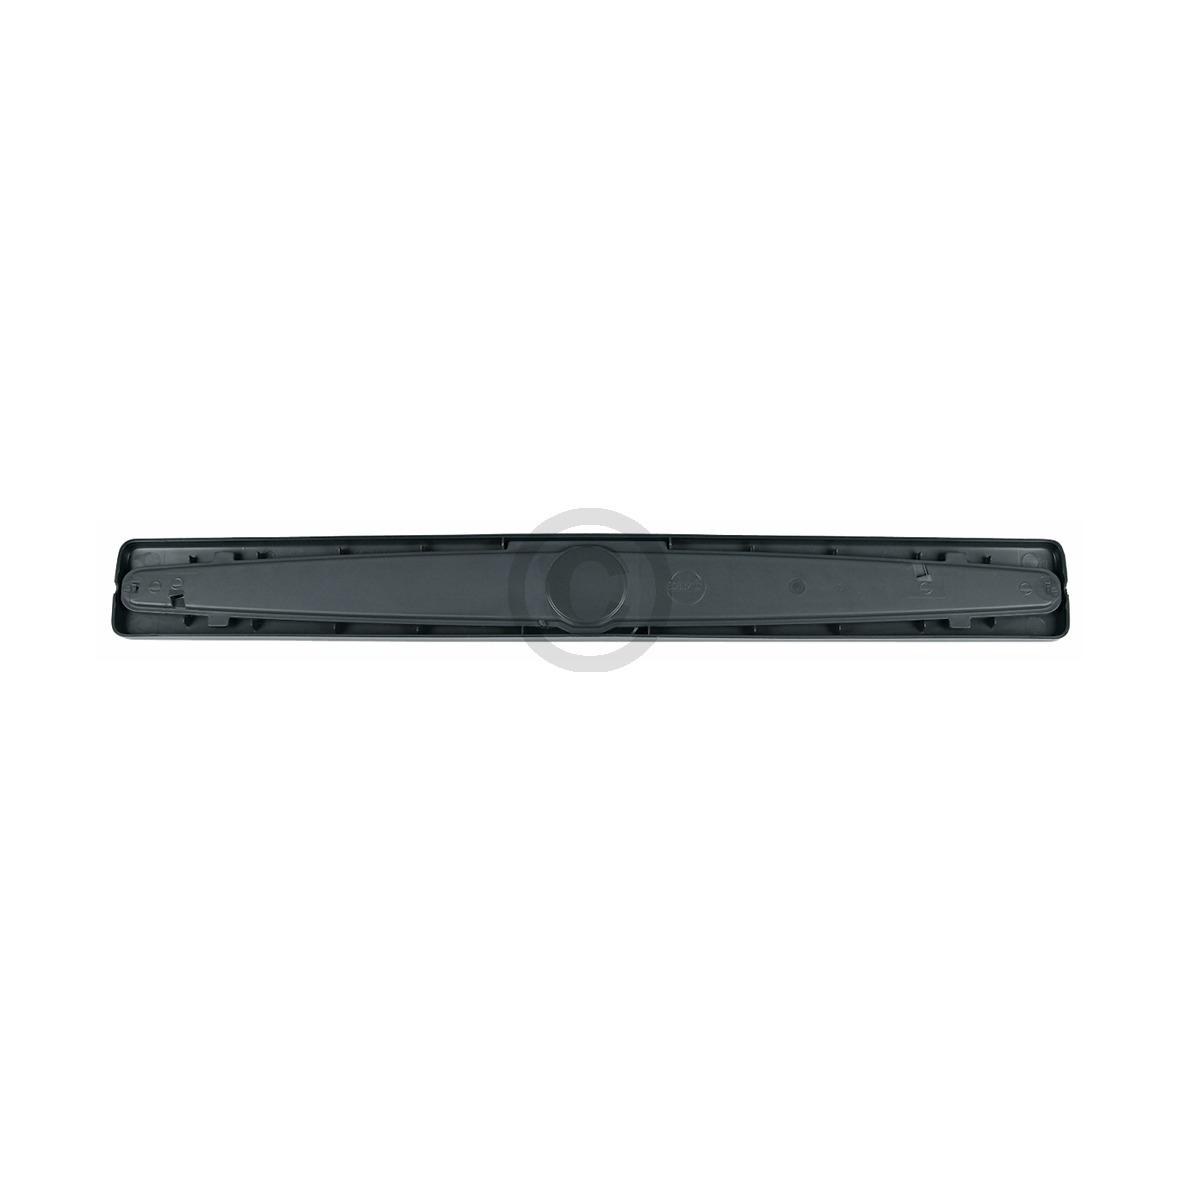 Sprüharm AEG 808321101/4 oben Kunststoff grau für Geschirrspüler